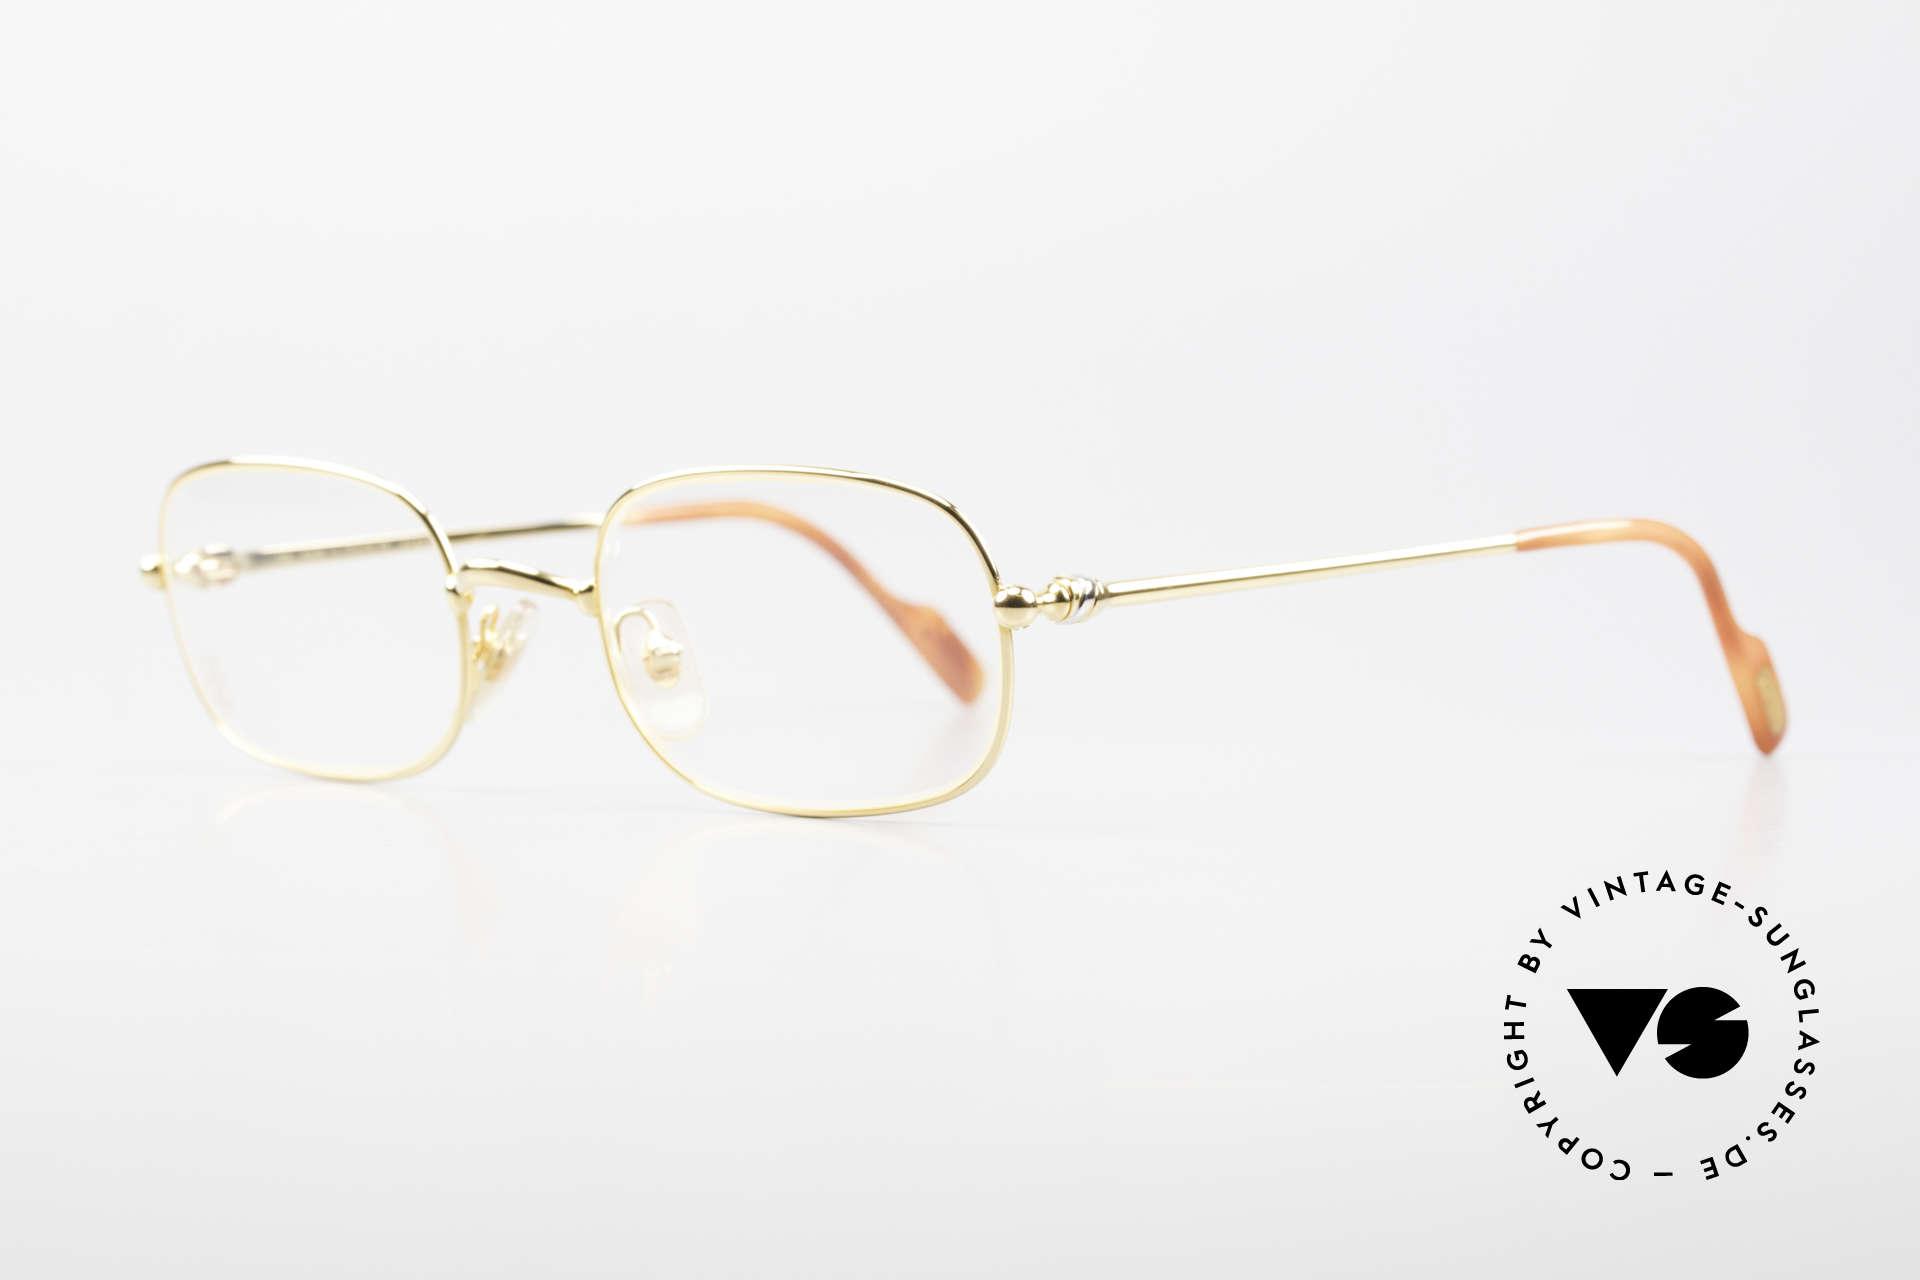 Cartier Deimios Rare Luxury Eyeglasses 90's, flexible lightweight frame (1st class wearing comfort), Made for Men and Women